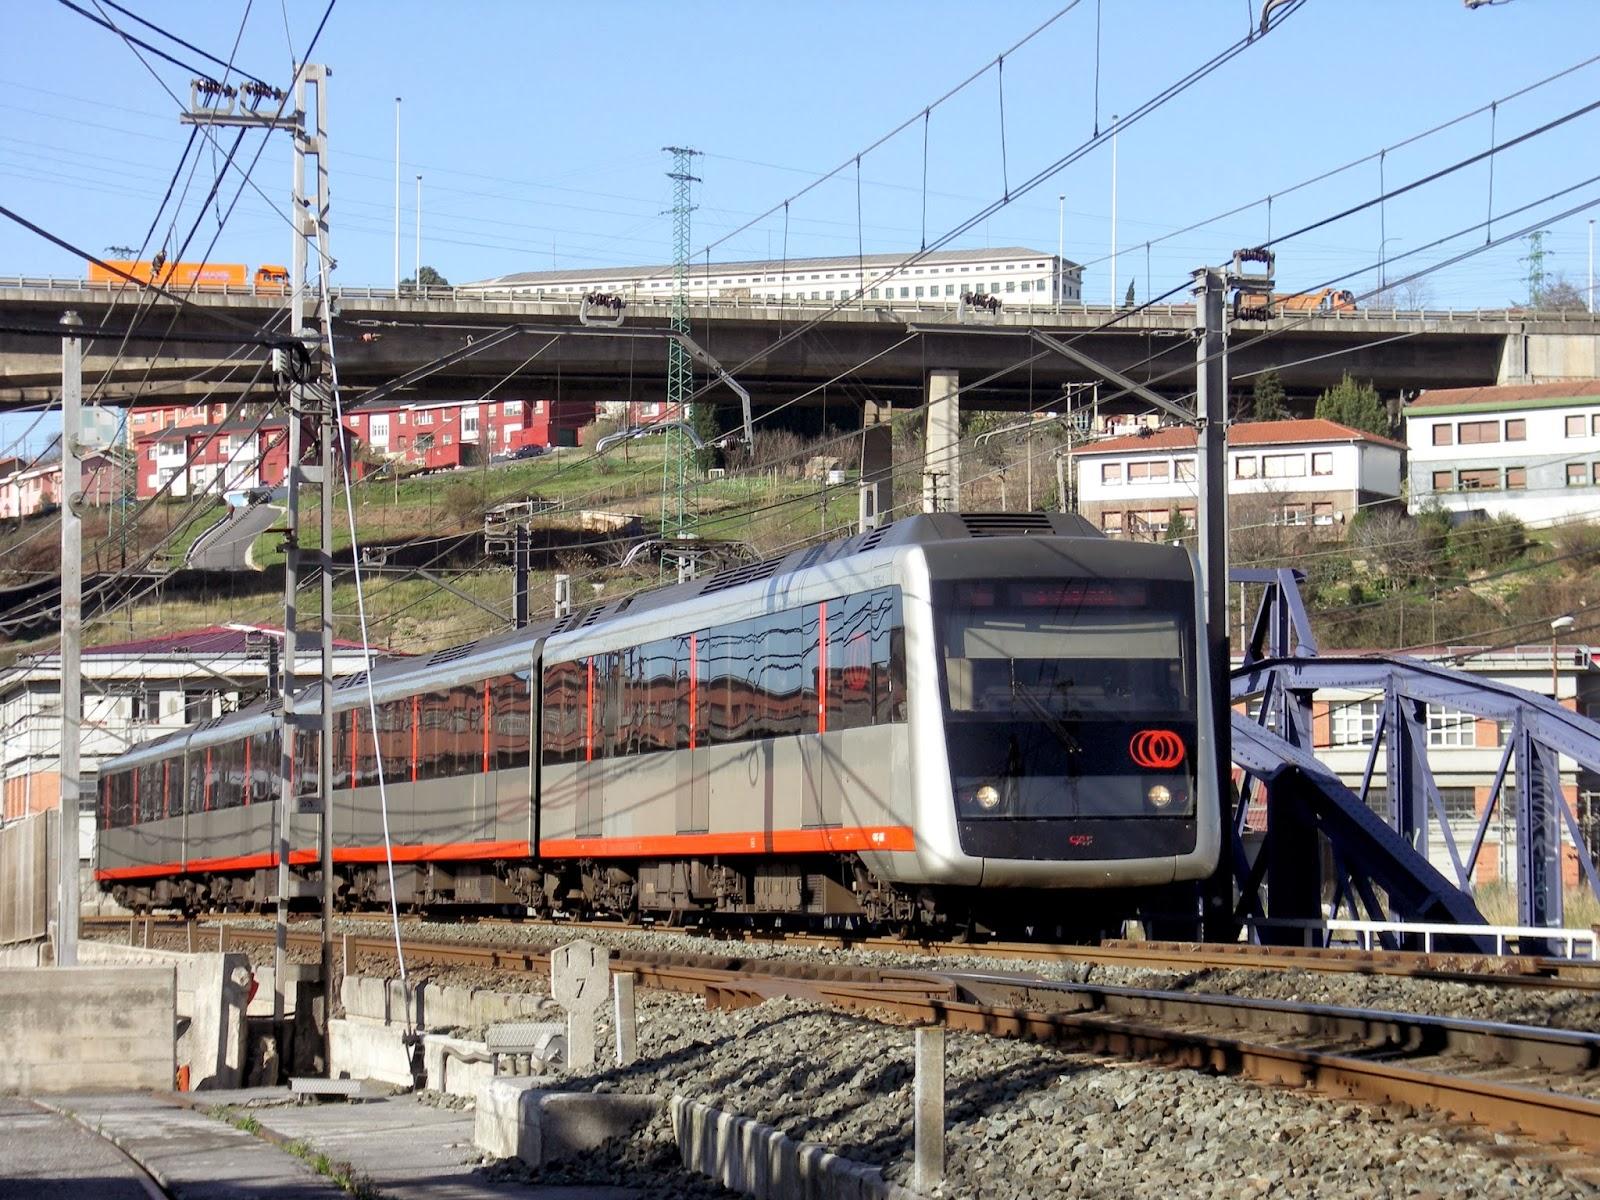 Metro de Bilbao en Lutxana , foto Juanjo Olaizola Elordi